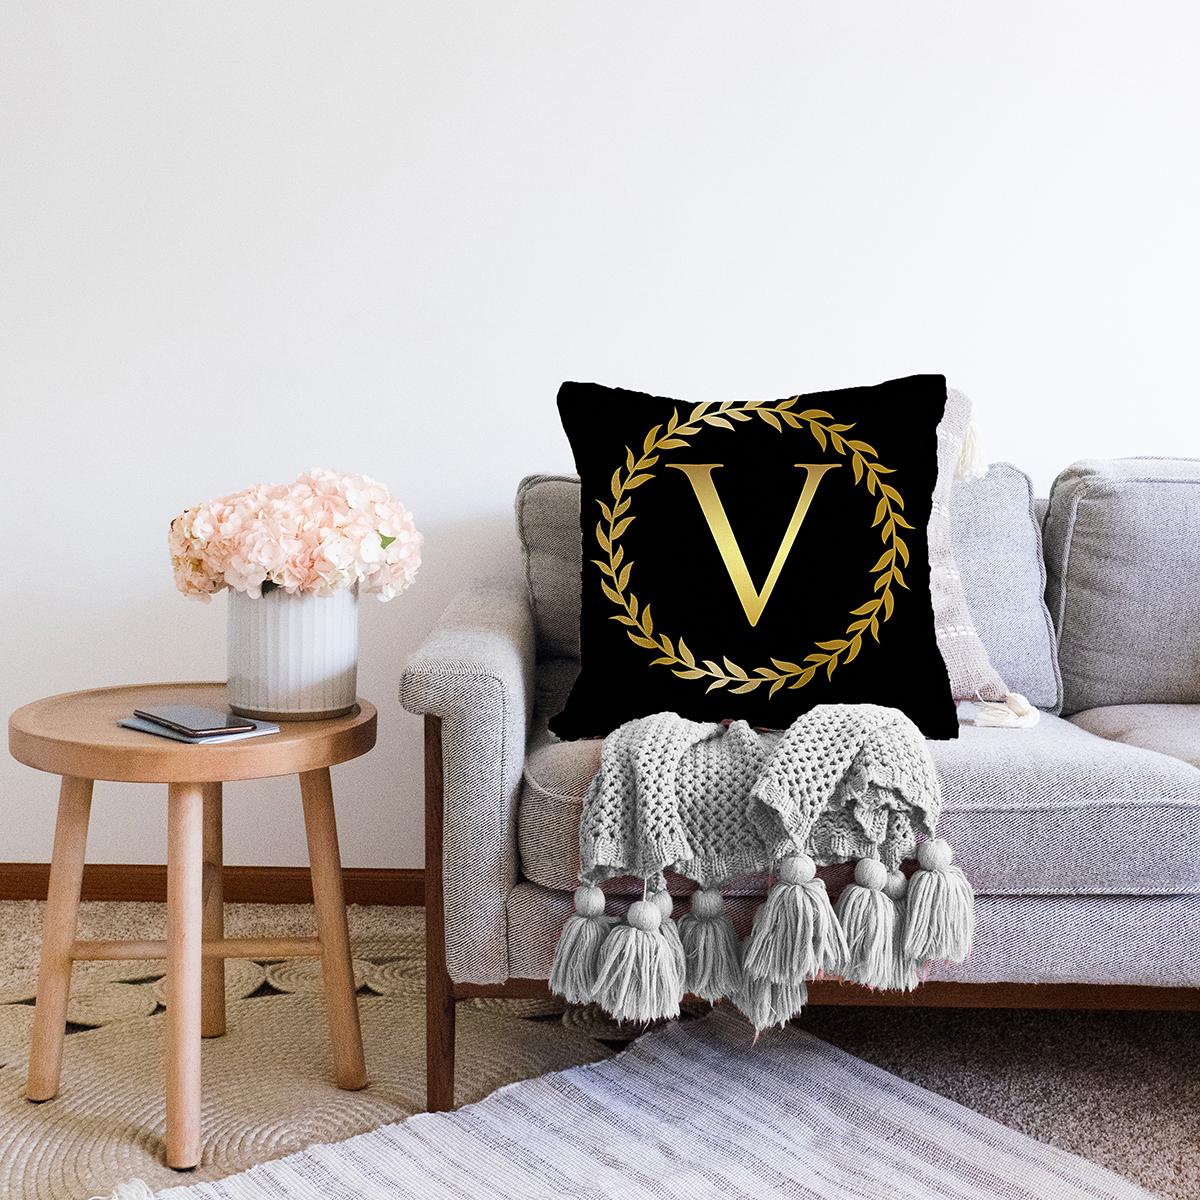 Siyah Zemin Gold Yaprak Çerçeveli V Harfi Özel Tasarım Dijital Baskılı Şönil Yastık Kırlent Kılıfı Realhomes